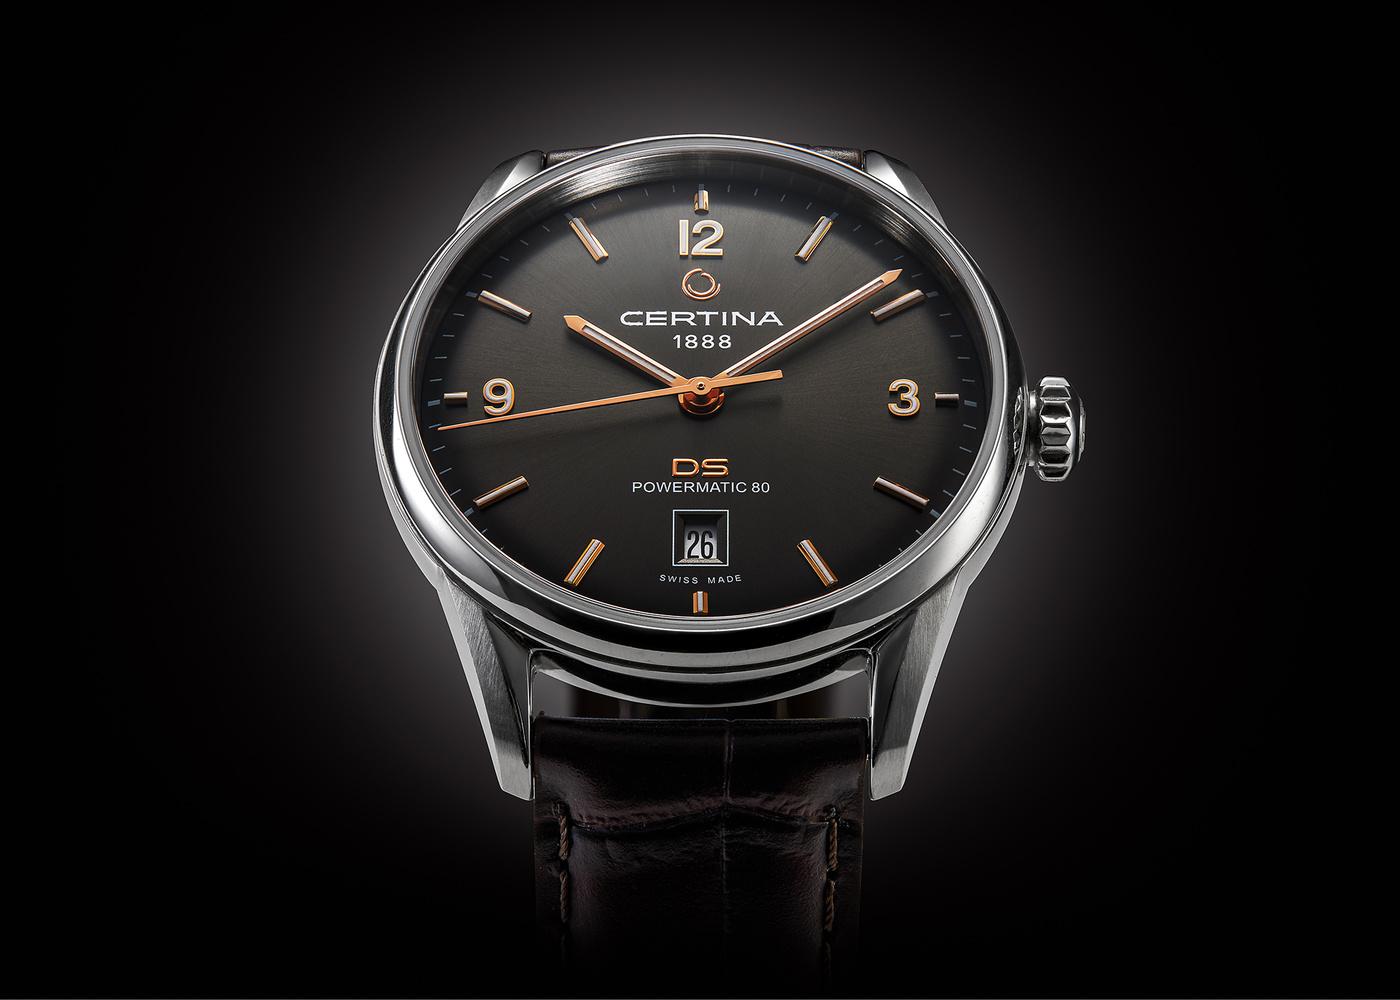 Personal - Certina watches by Sebastian Malinowski